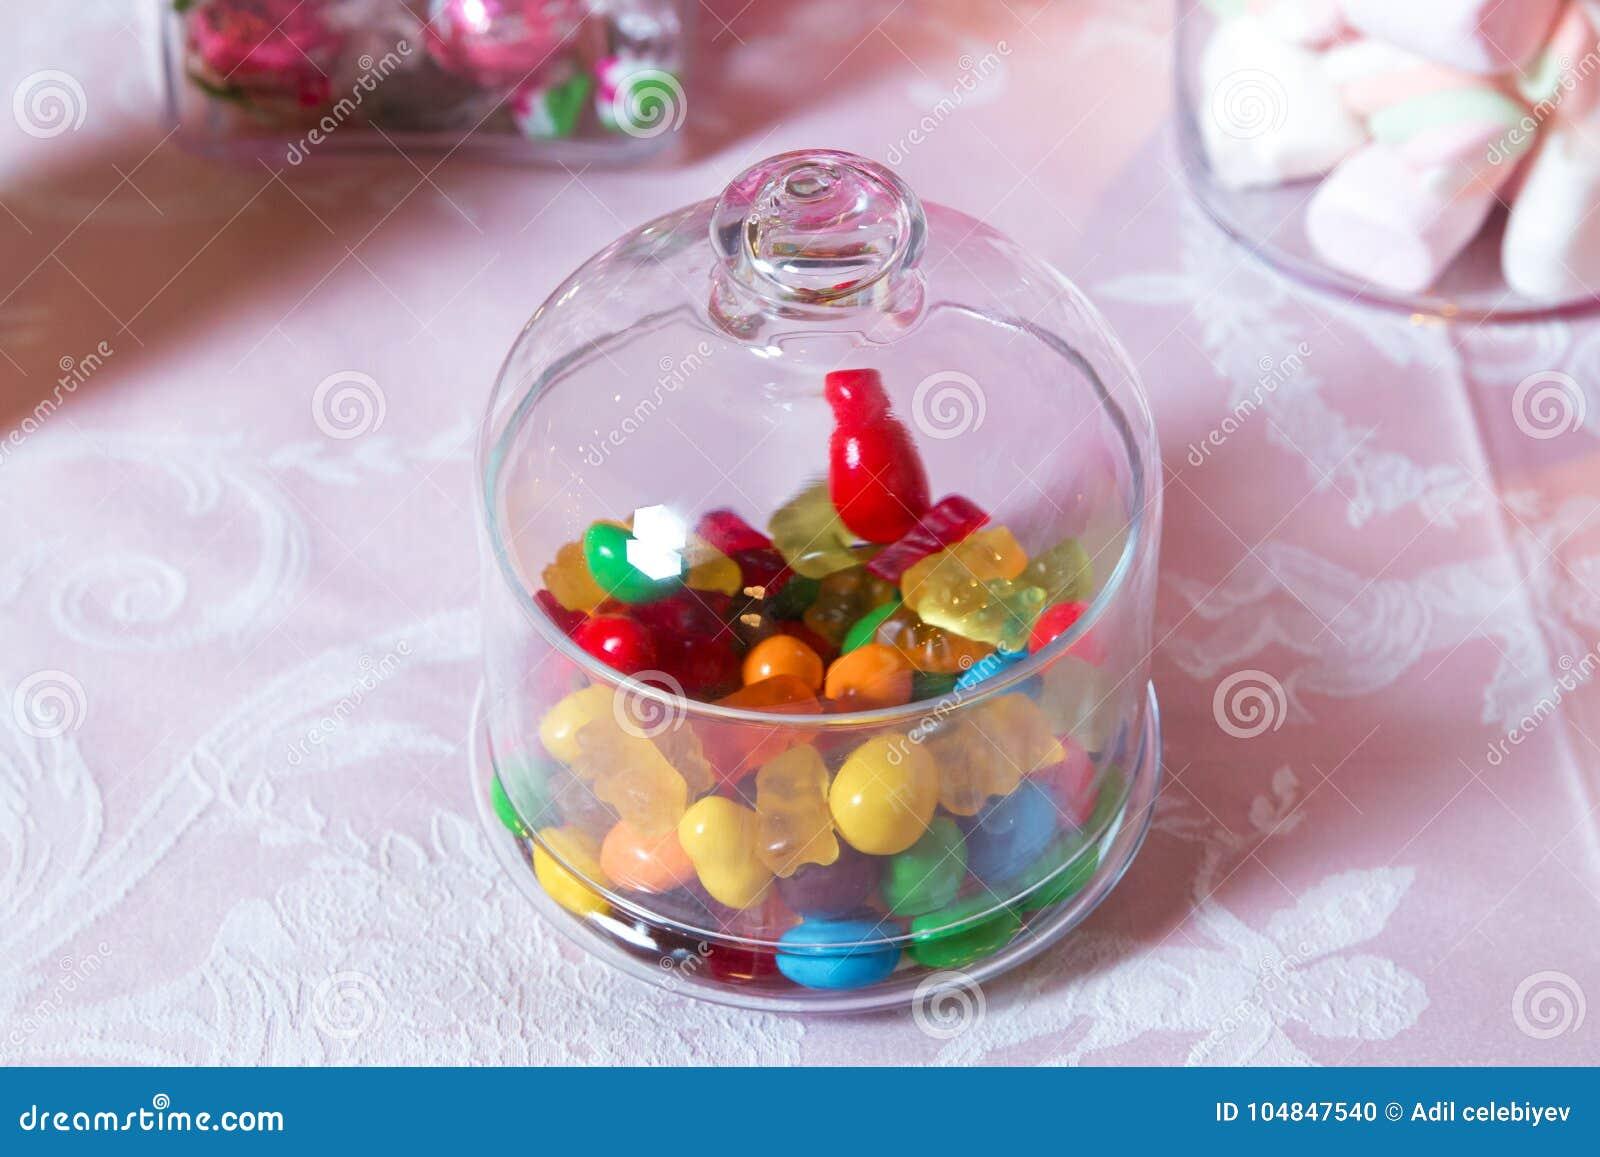 Cukierku bar Round marmoladowa i zaokrąglona czekolada jest bardzo kolorowa